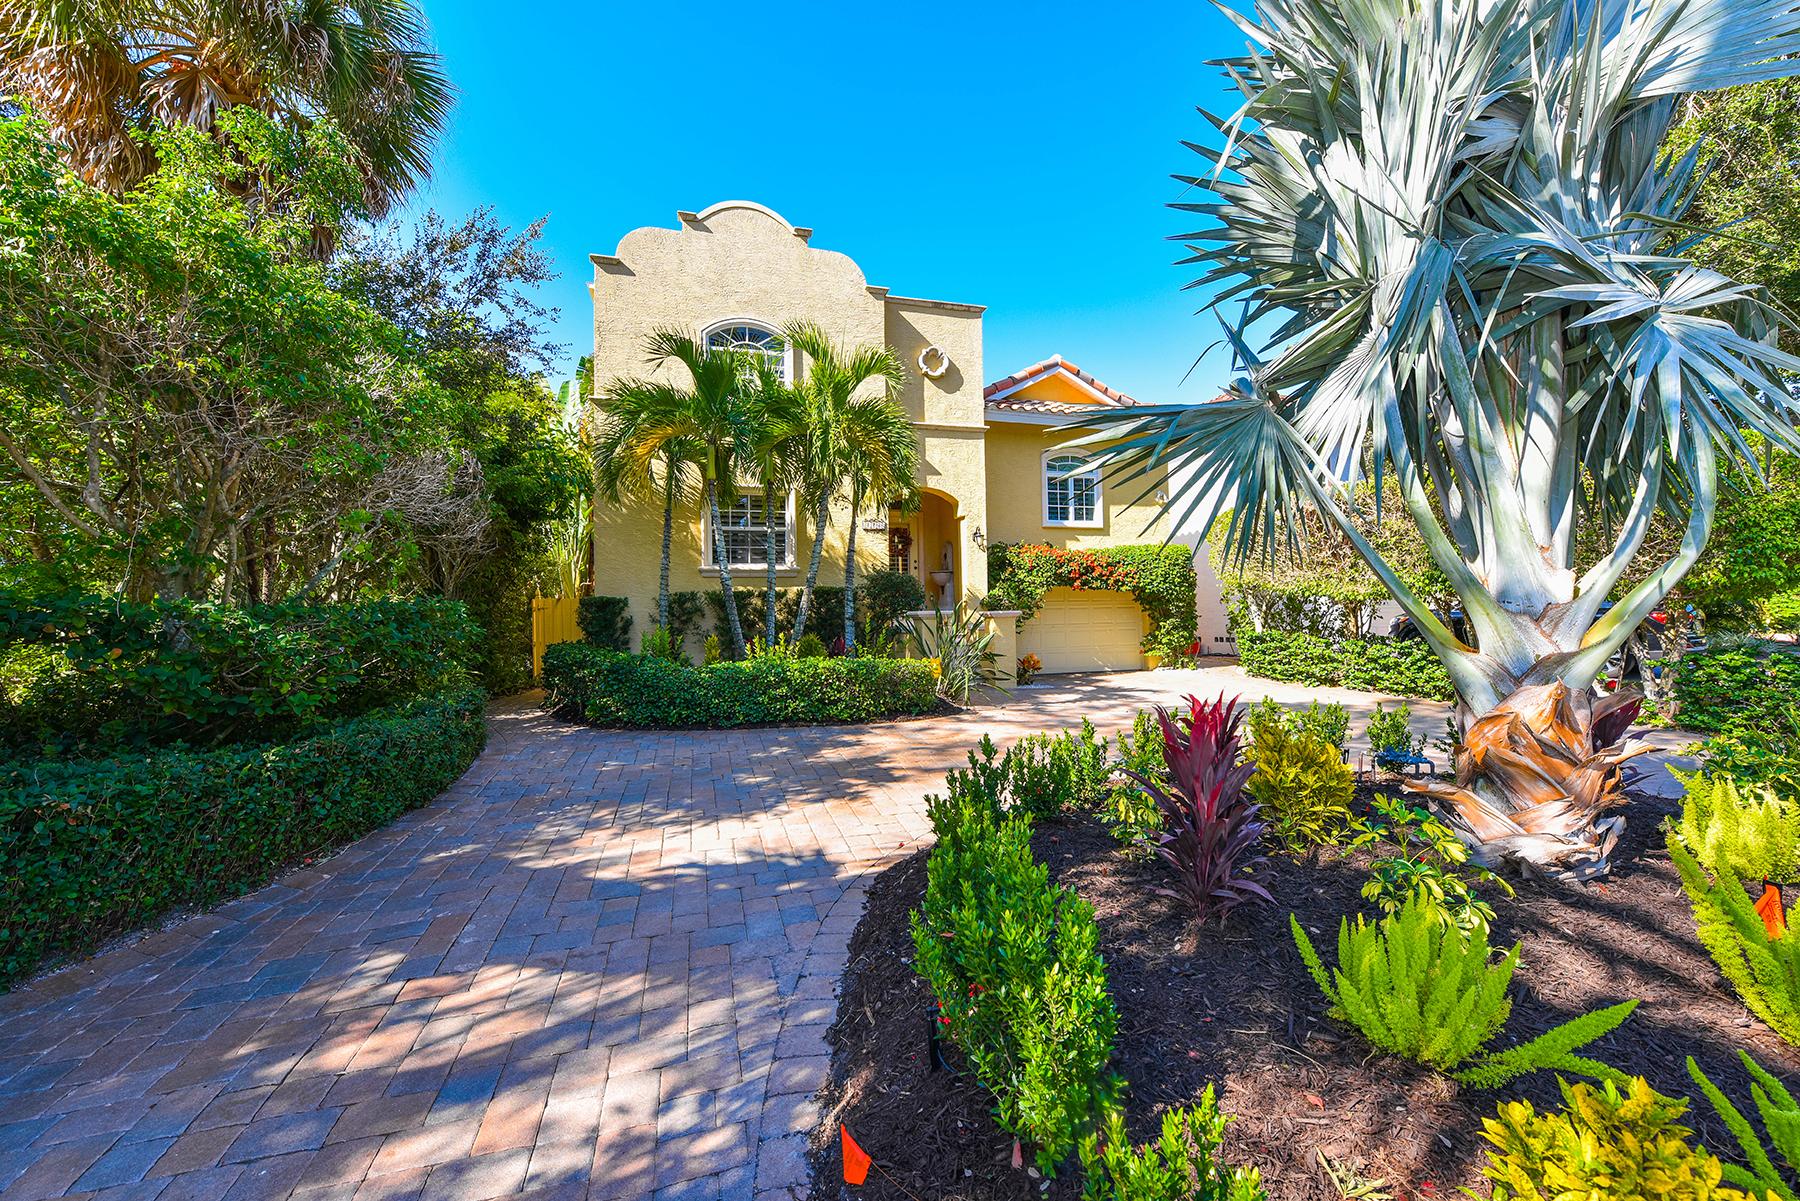 Maison unifamiliale pour l Vente à SARASOTA BEACH 5440 Avenida Del Mare Sarasota, Florida, 34242 États-Unis